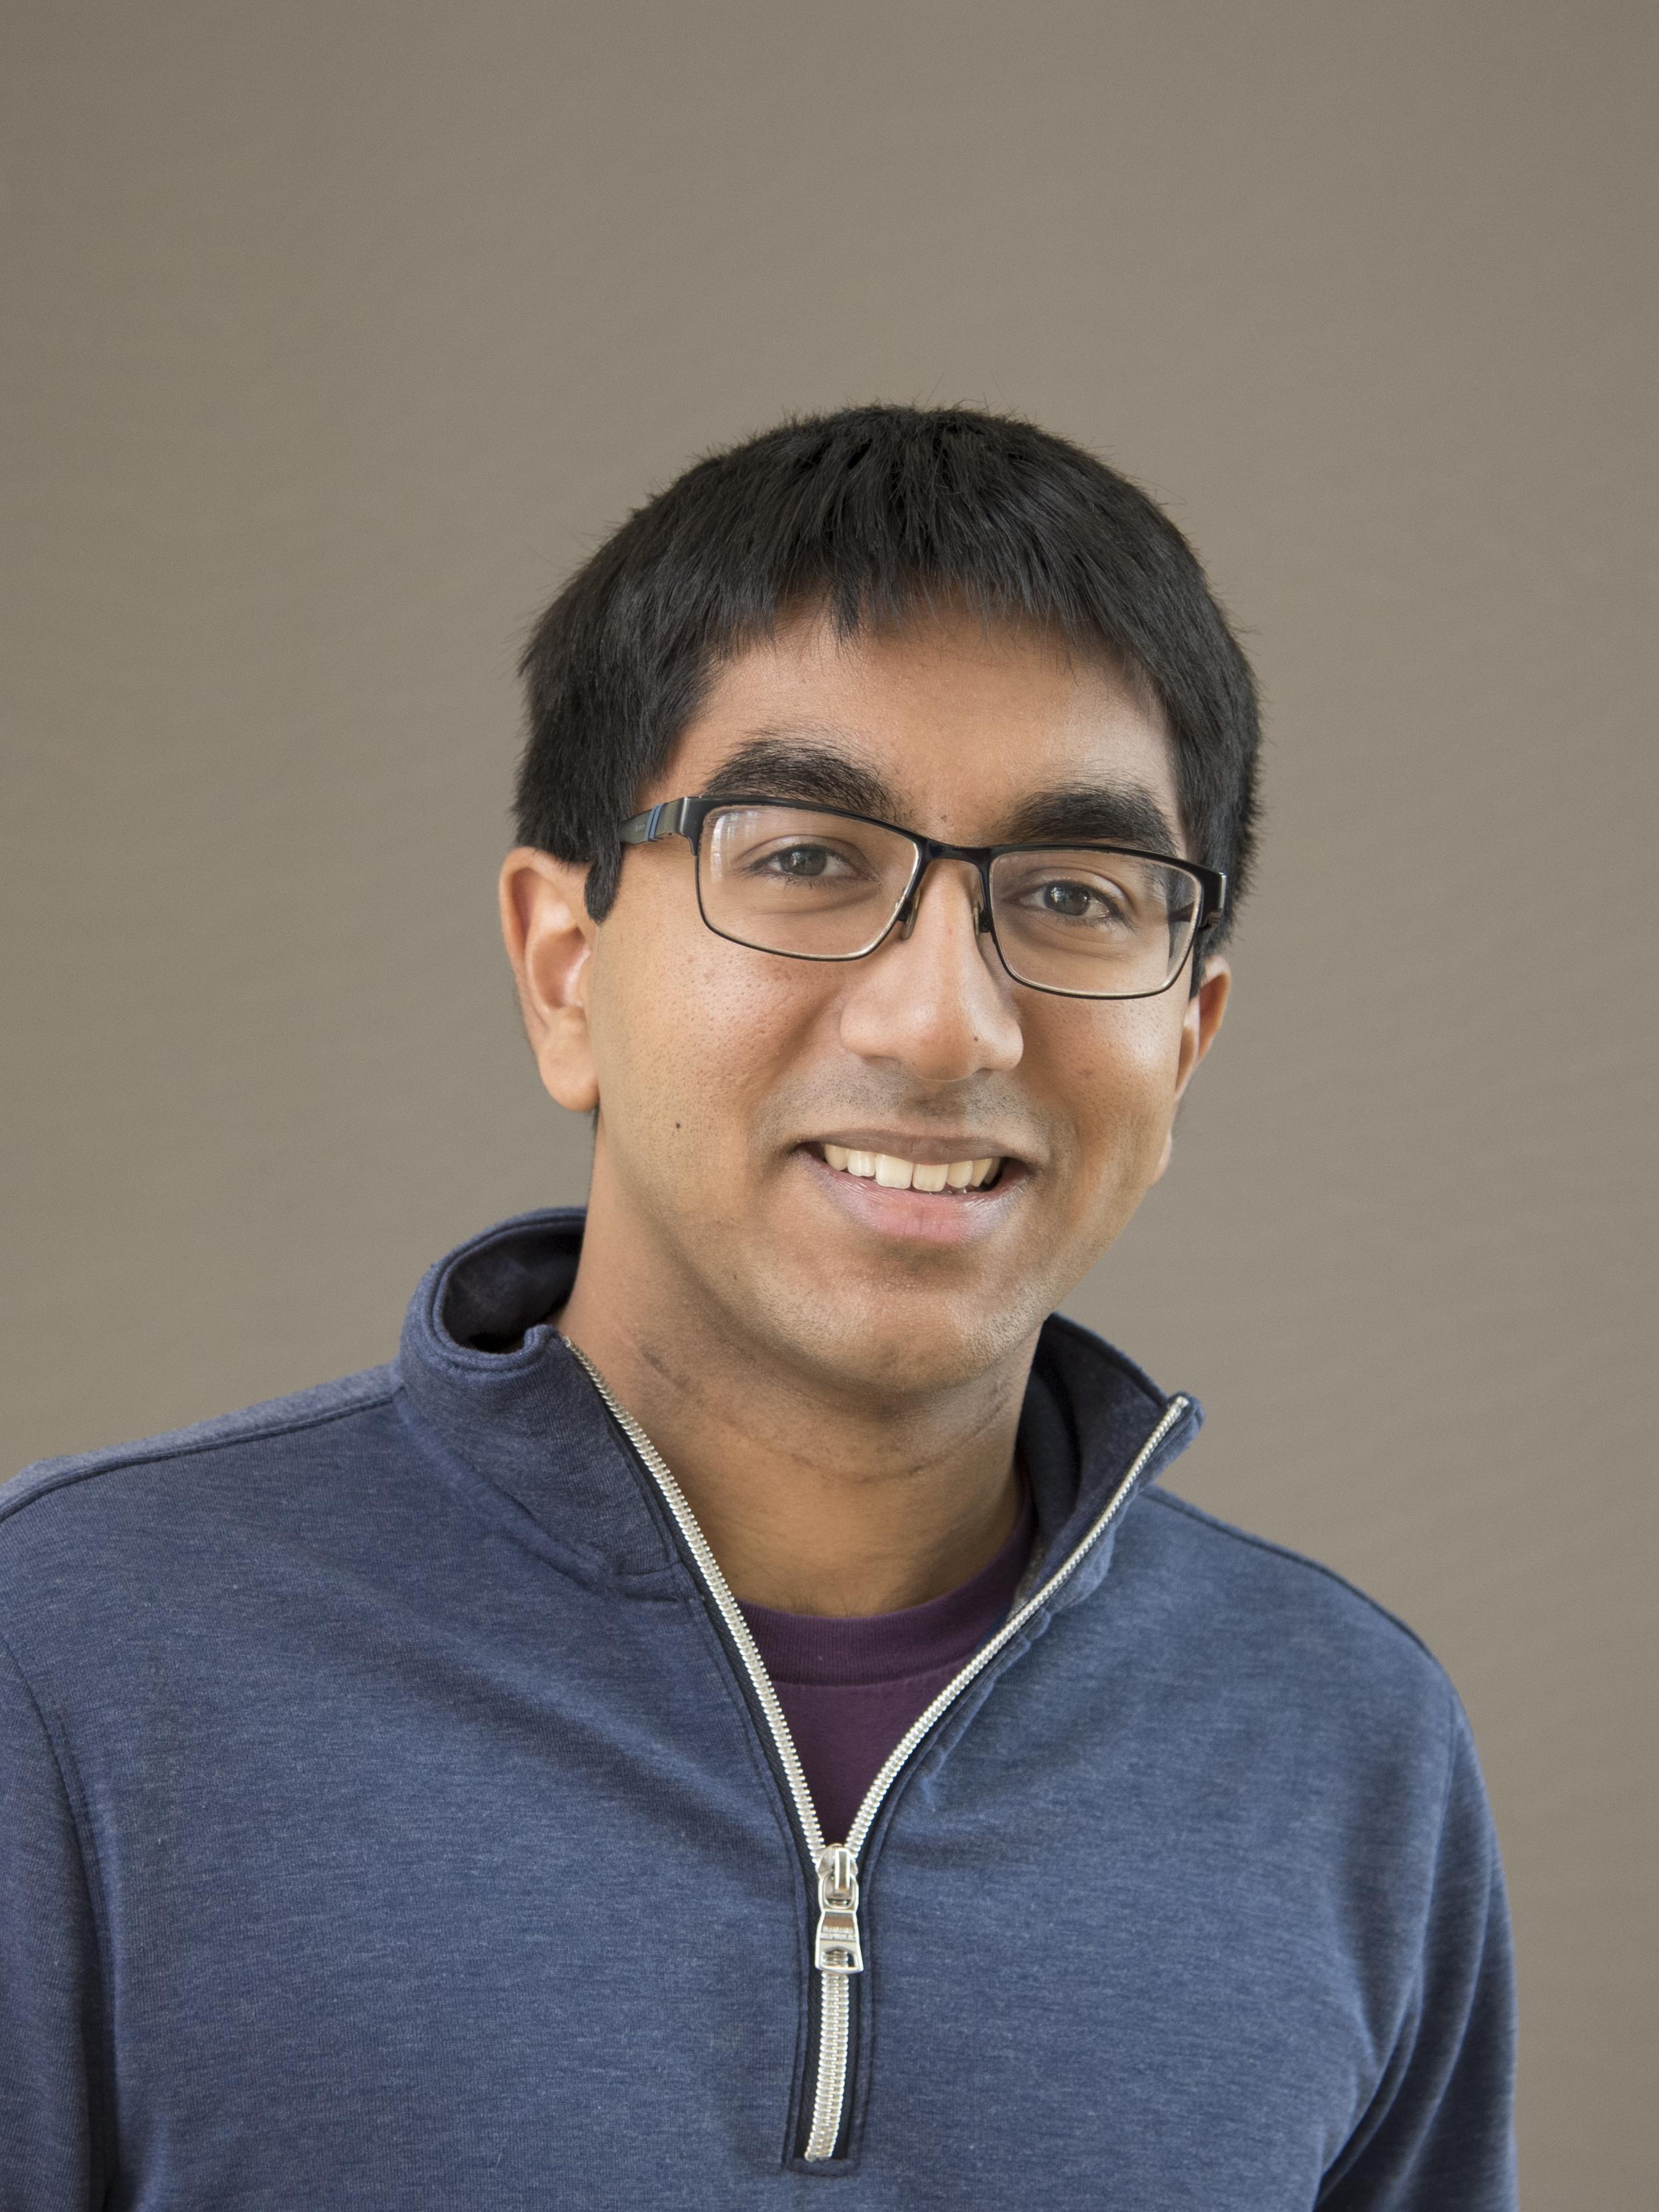 Aditya Raguram